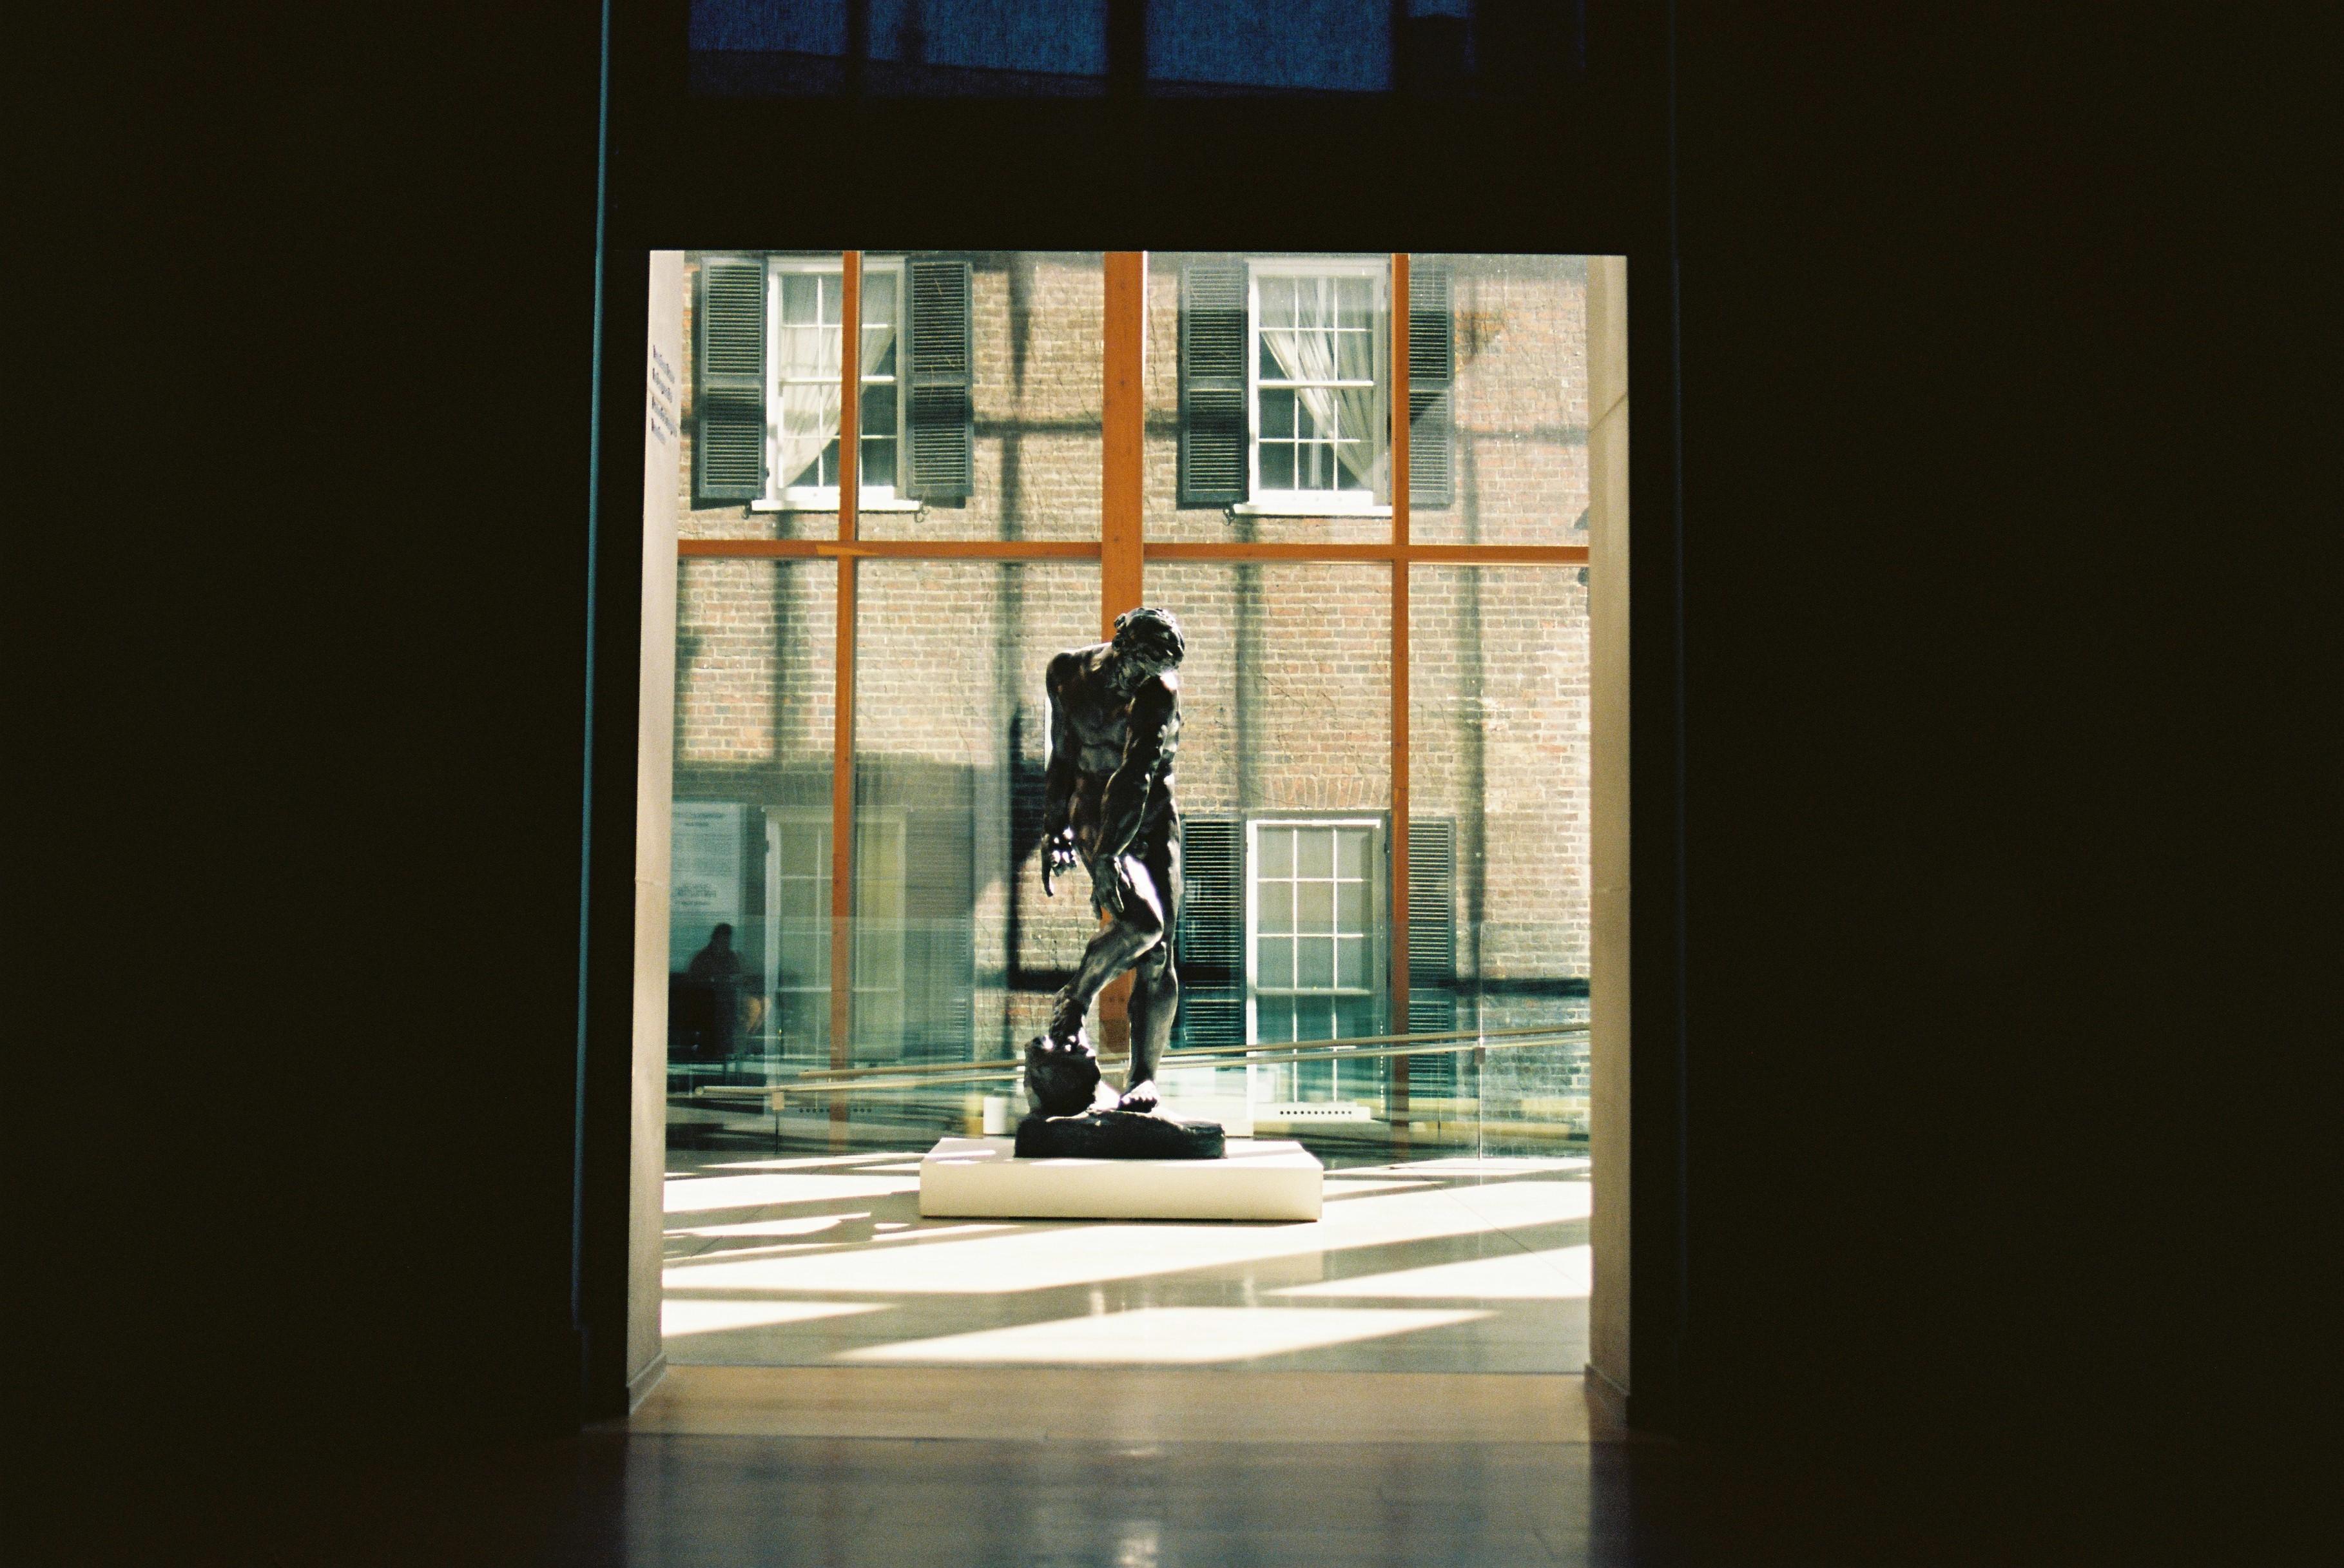 AGO, Rodin